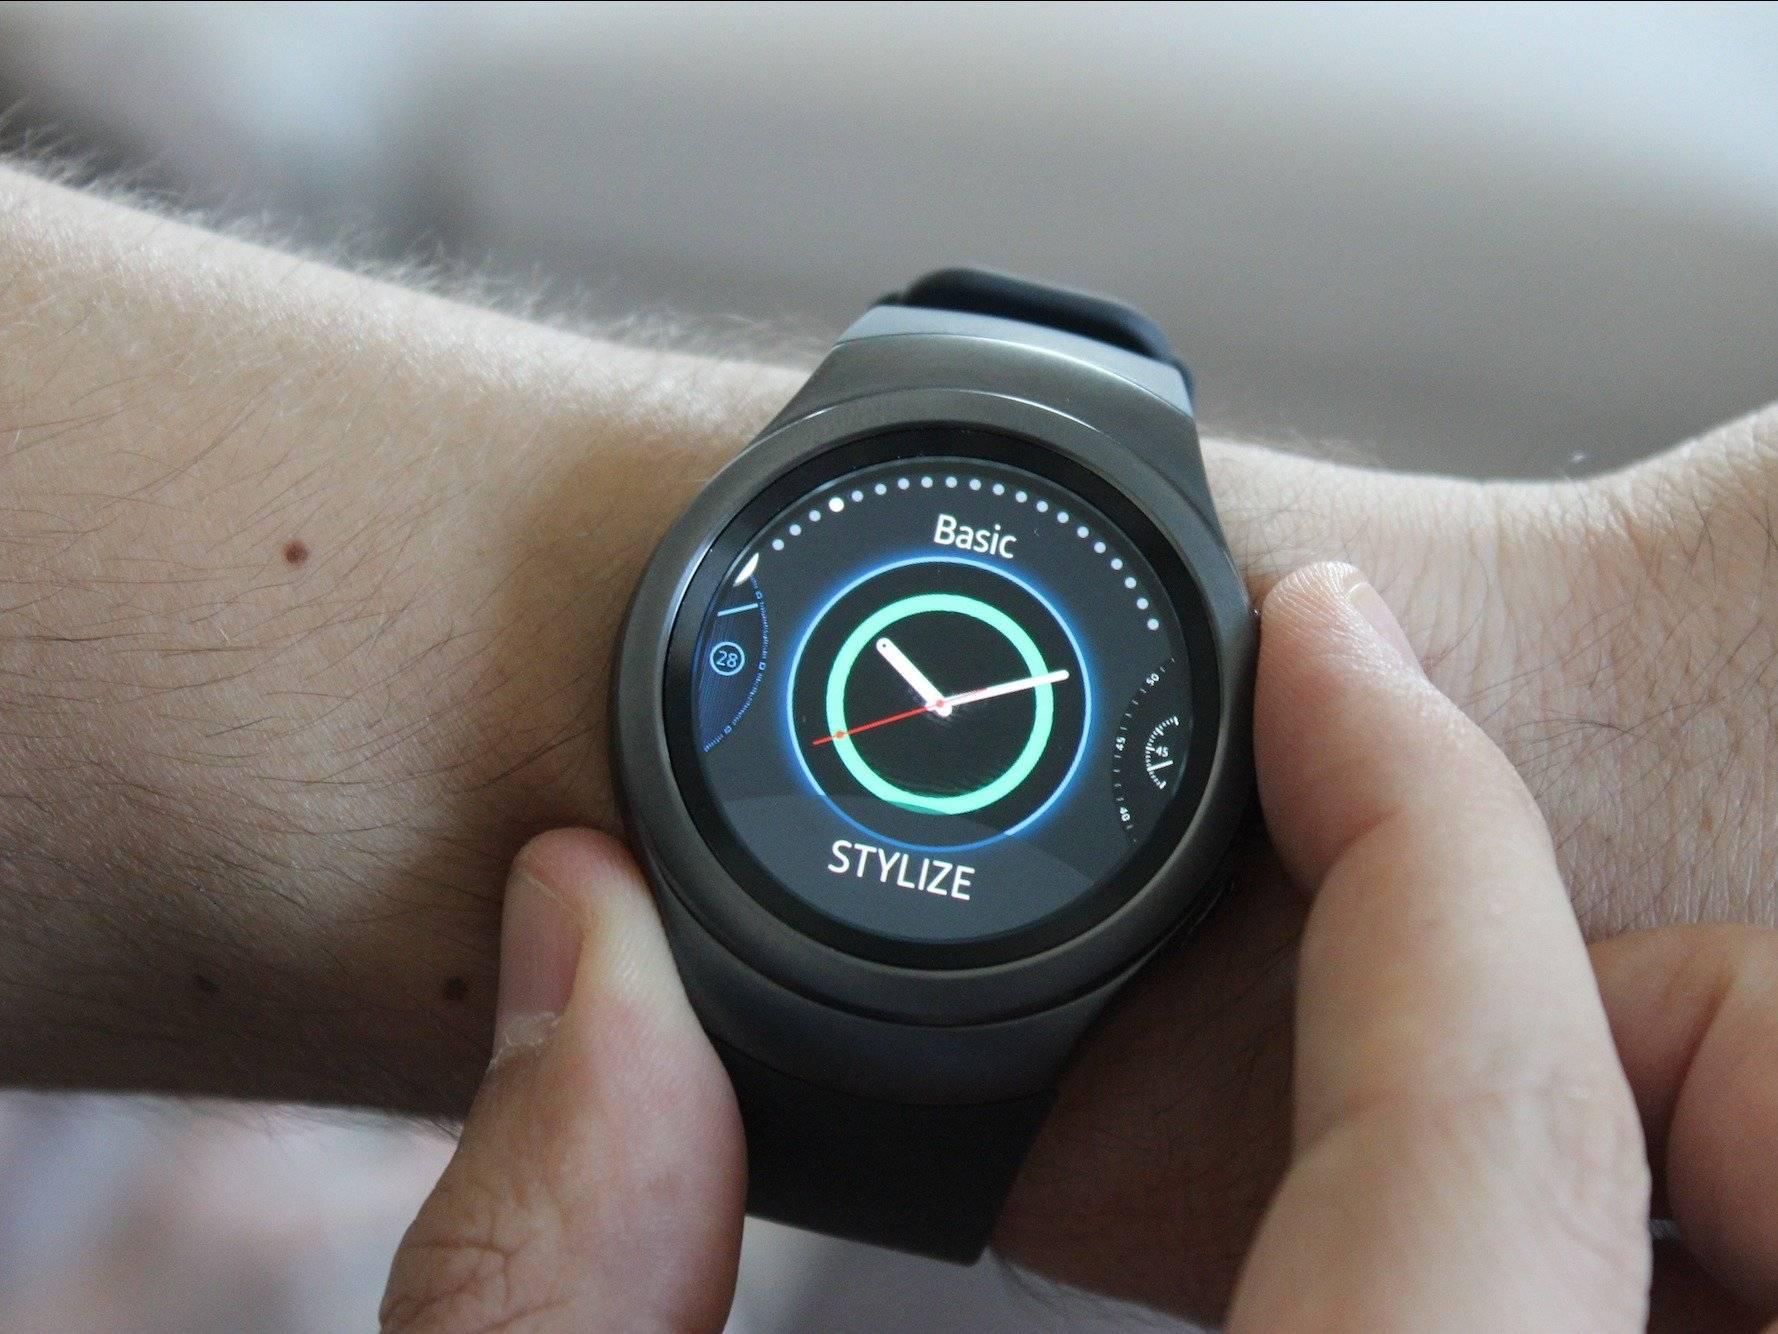 三星手表 Gear S2 试戴报告出炉:市场上最佳的智能手表,没有之一。-PingWest 品玩